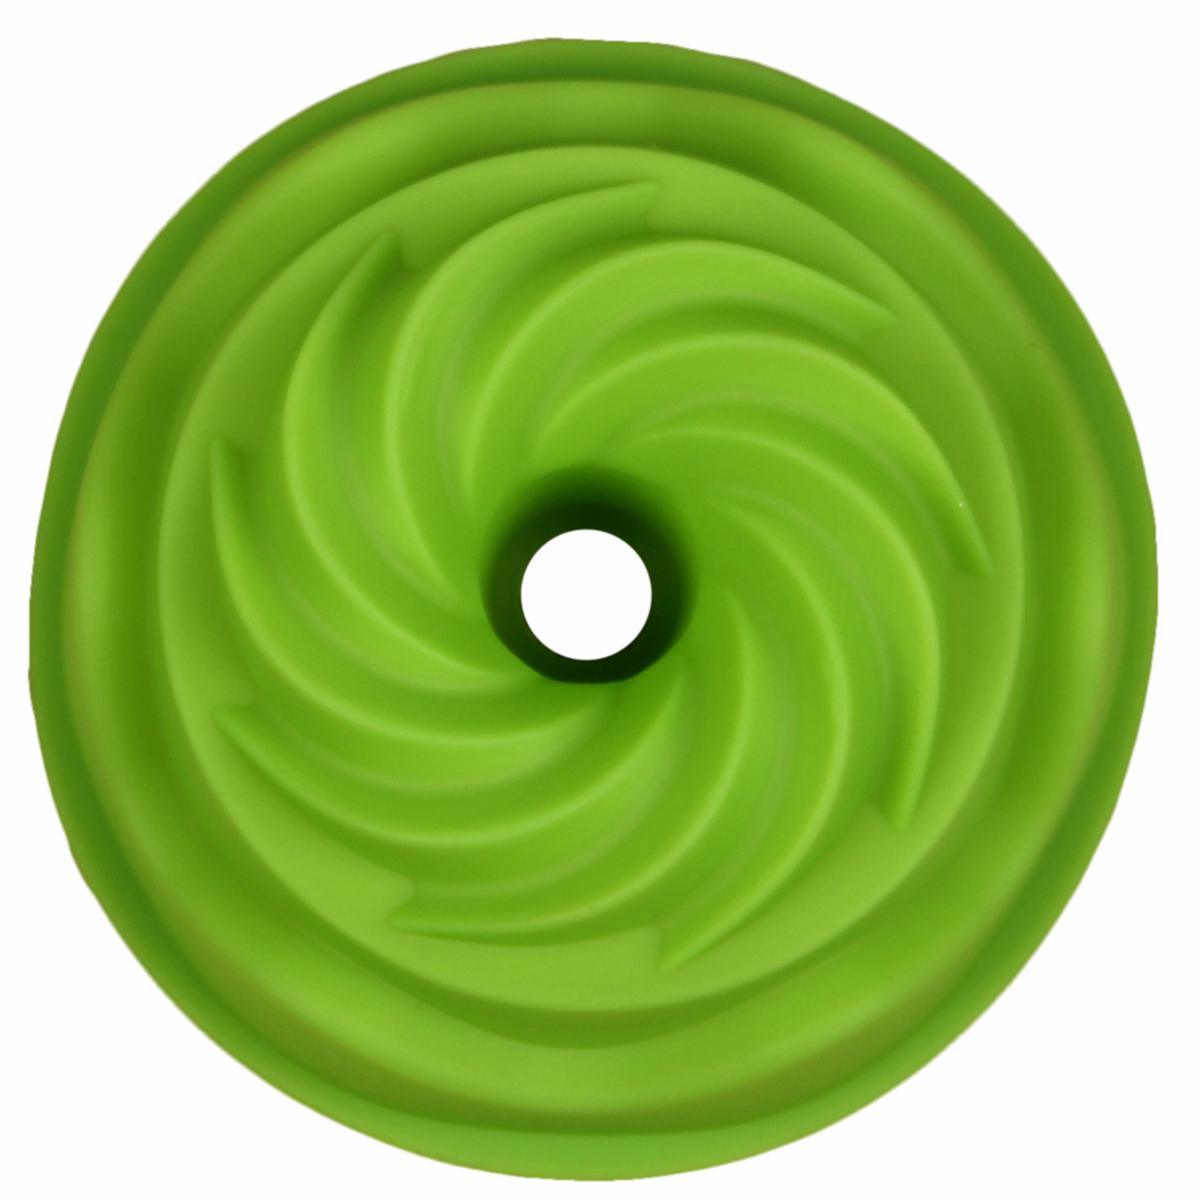 Форма для выпечки Доляна Спиралька, цвет: зеленый, 11 х 11 х 4,5 см2472121_зеленыйОт качества посуды зависит не только вкус еды, но и здоровье человека. Форма для выпечки 11х11х4,5 см Спиралька, цвета — товар, соответствующий российским стандартам качества. Любой хозяйке будет приятно держать его в руках. С нашей посудой и кухонной утварью приготовление еды и сервировка стола превратятся в настоящий праздник.